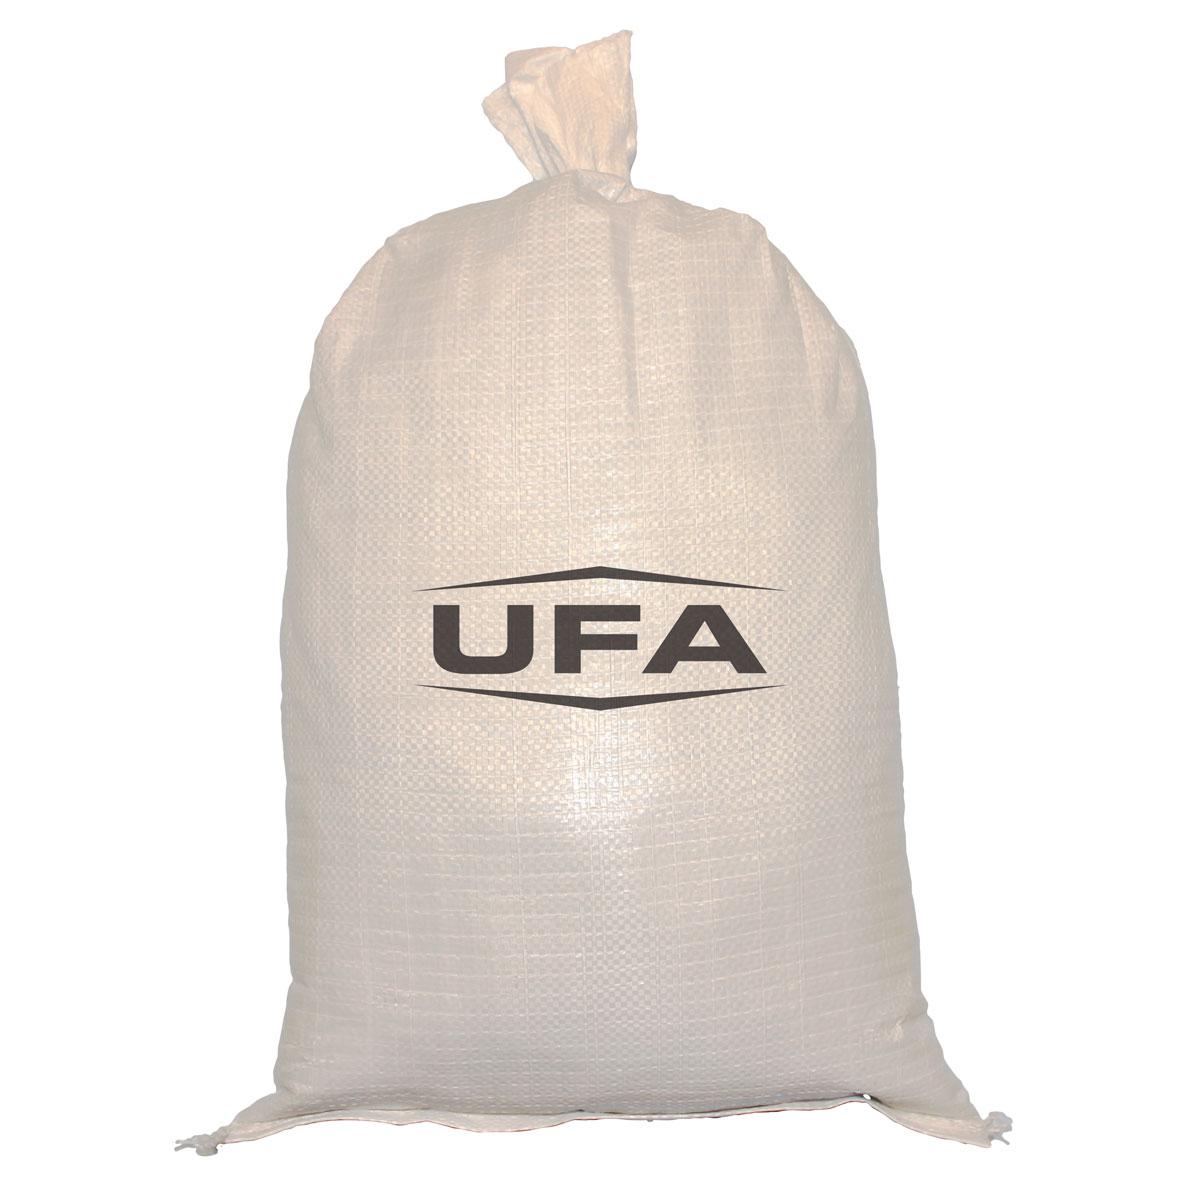 UFA 40 lb. Sand Bag